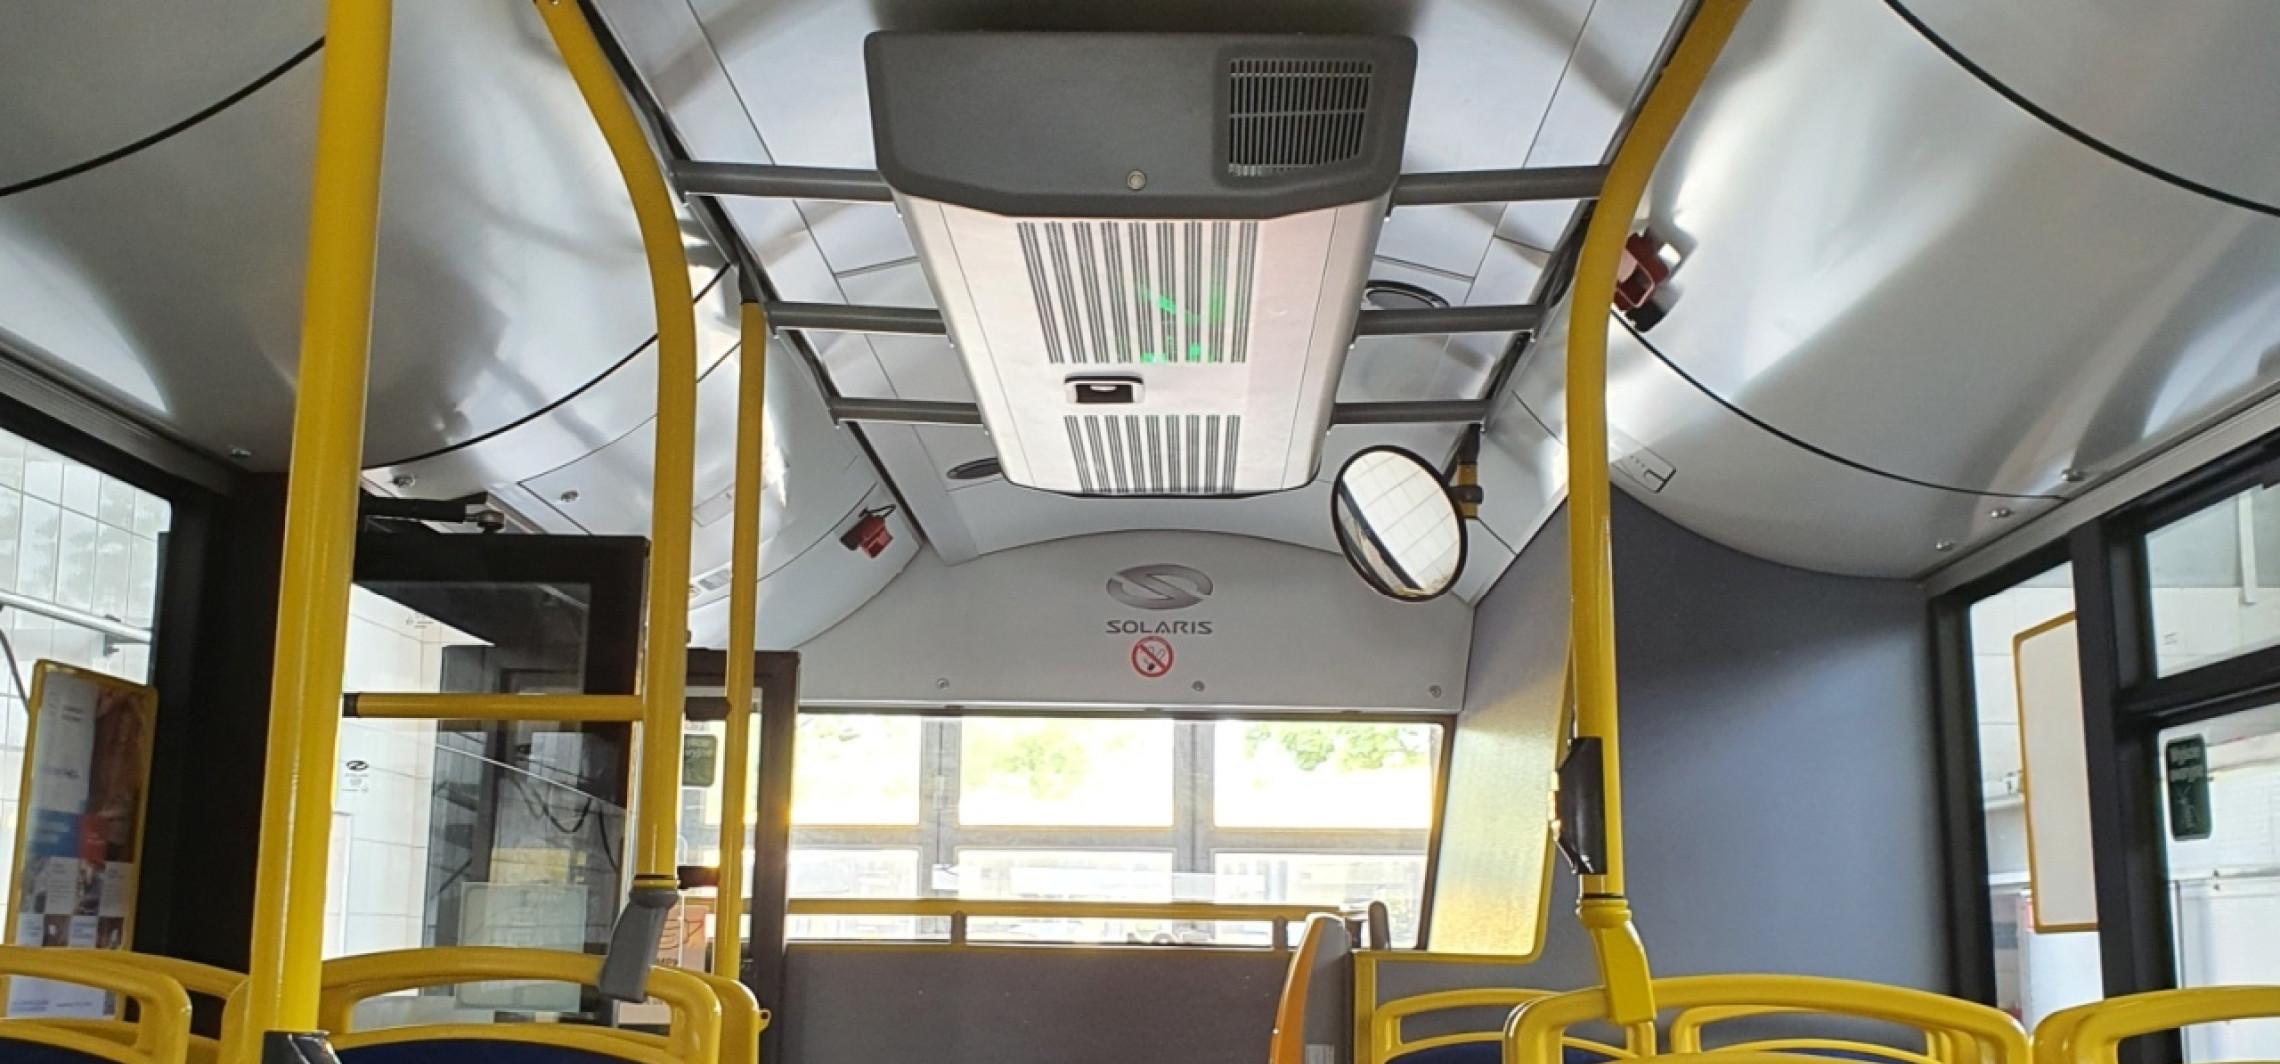 Inowrocław - MPK testuje w autobusie nowe urządzenie